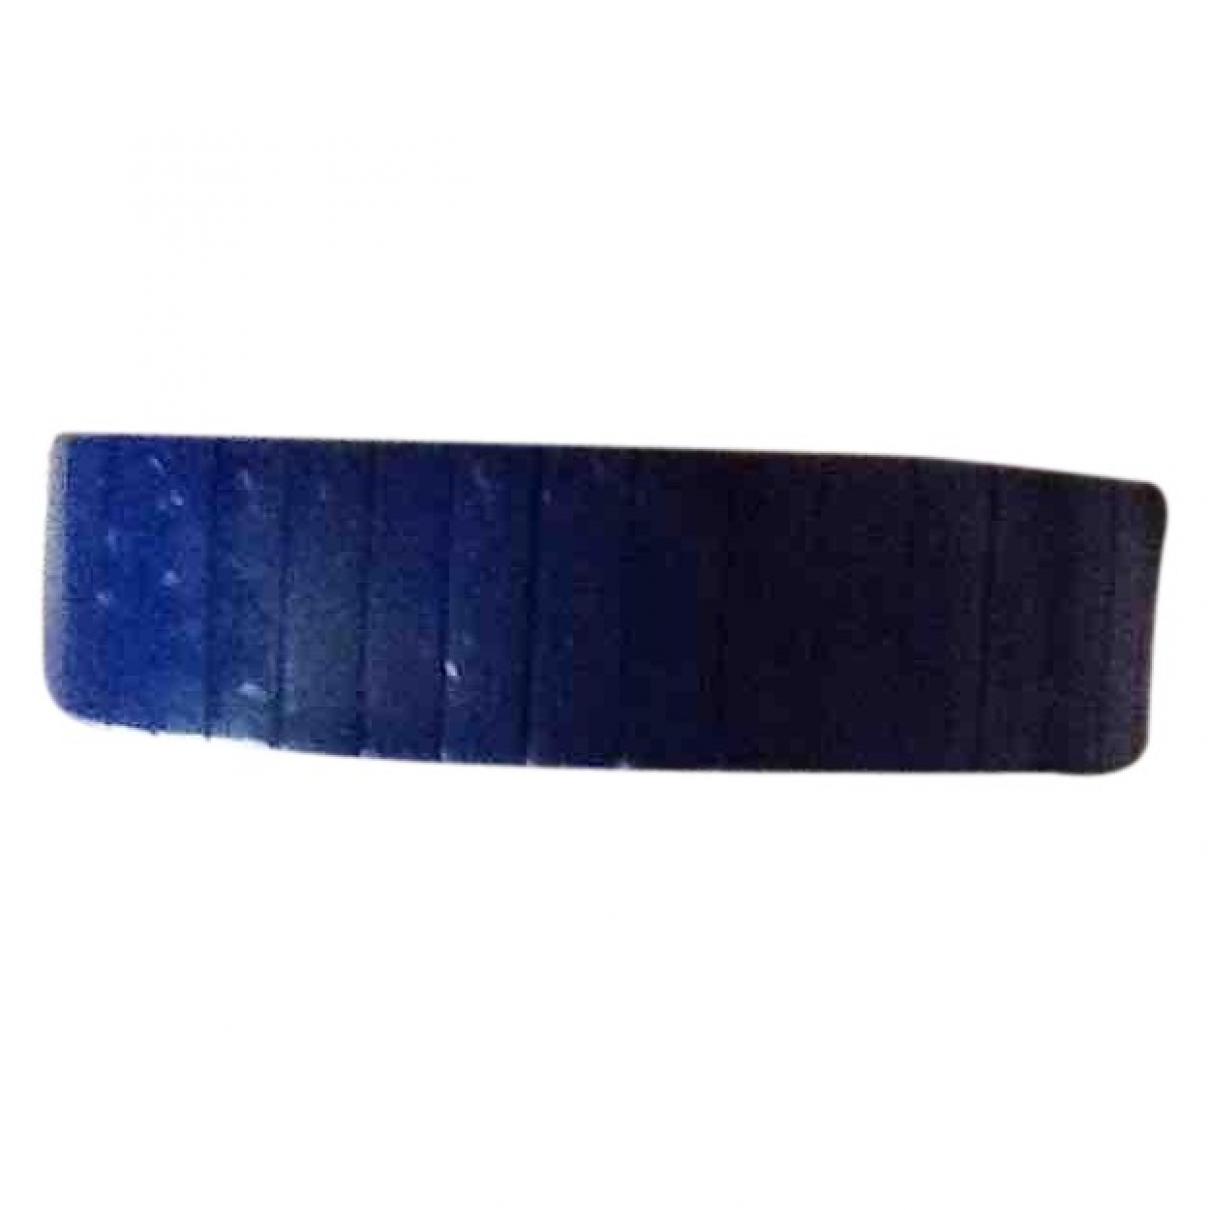 Pulsera Lapis lazuli Non Signe / Unsigned